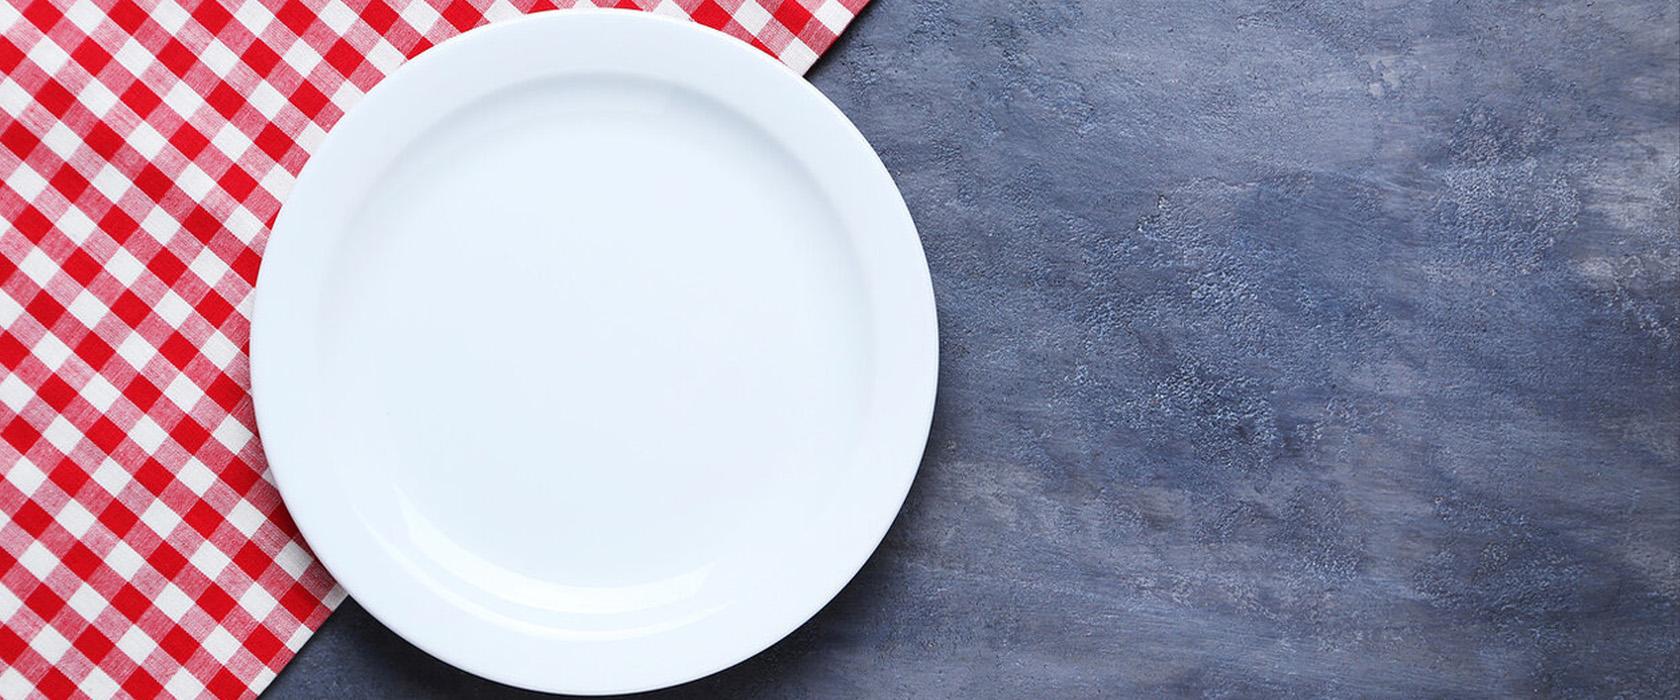 Интервальное голодание для похудения: виды, противопоказания, советы.